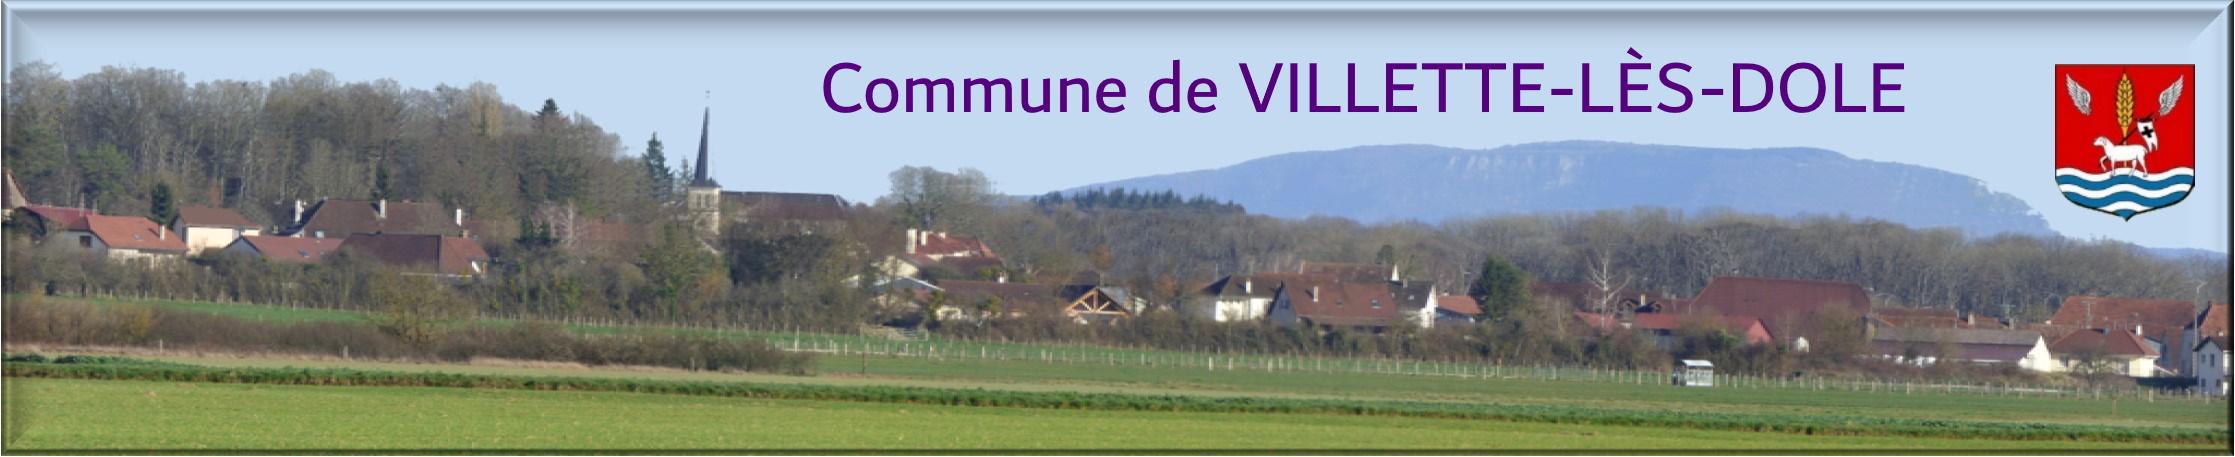 Commune de Villette-lès-Dole